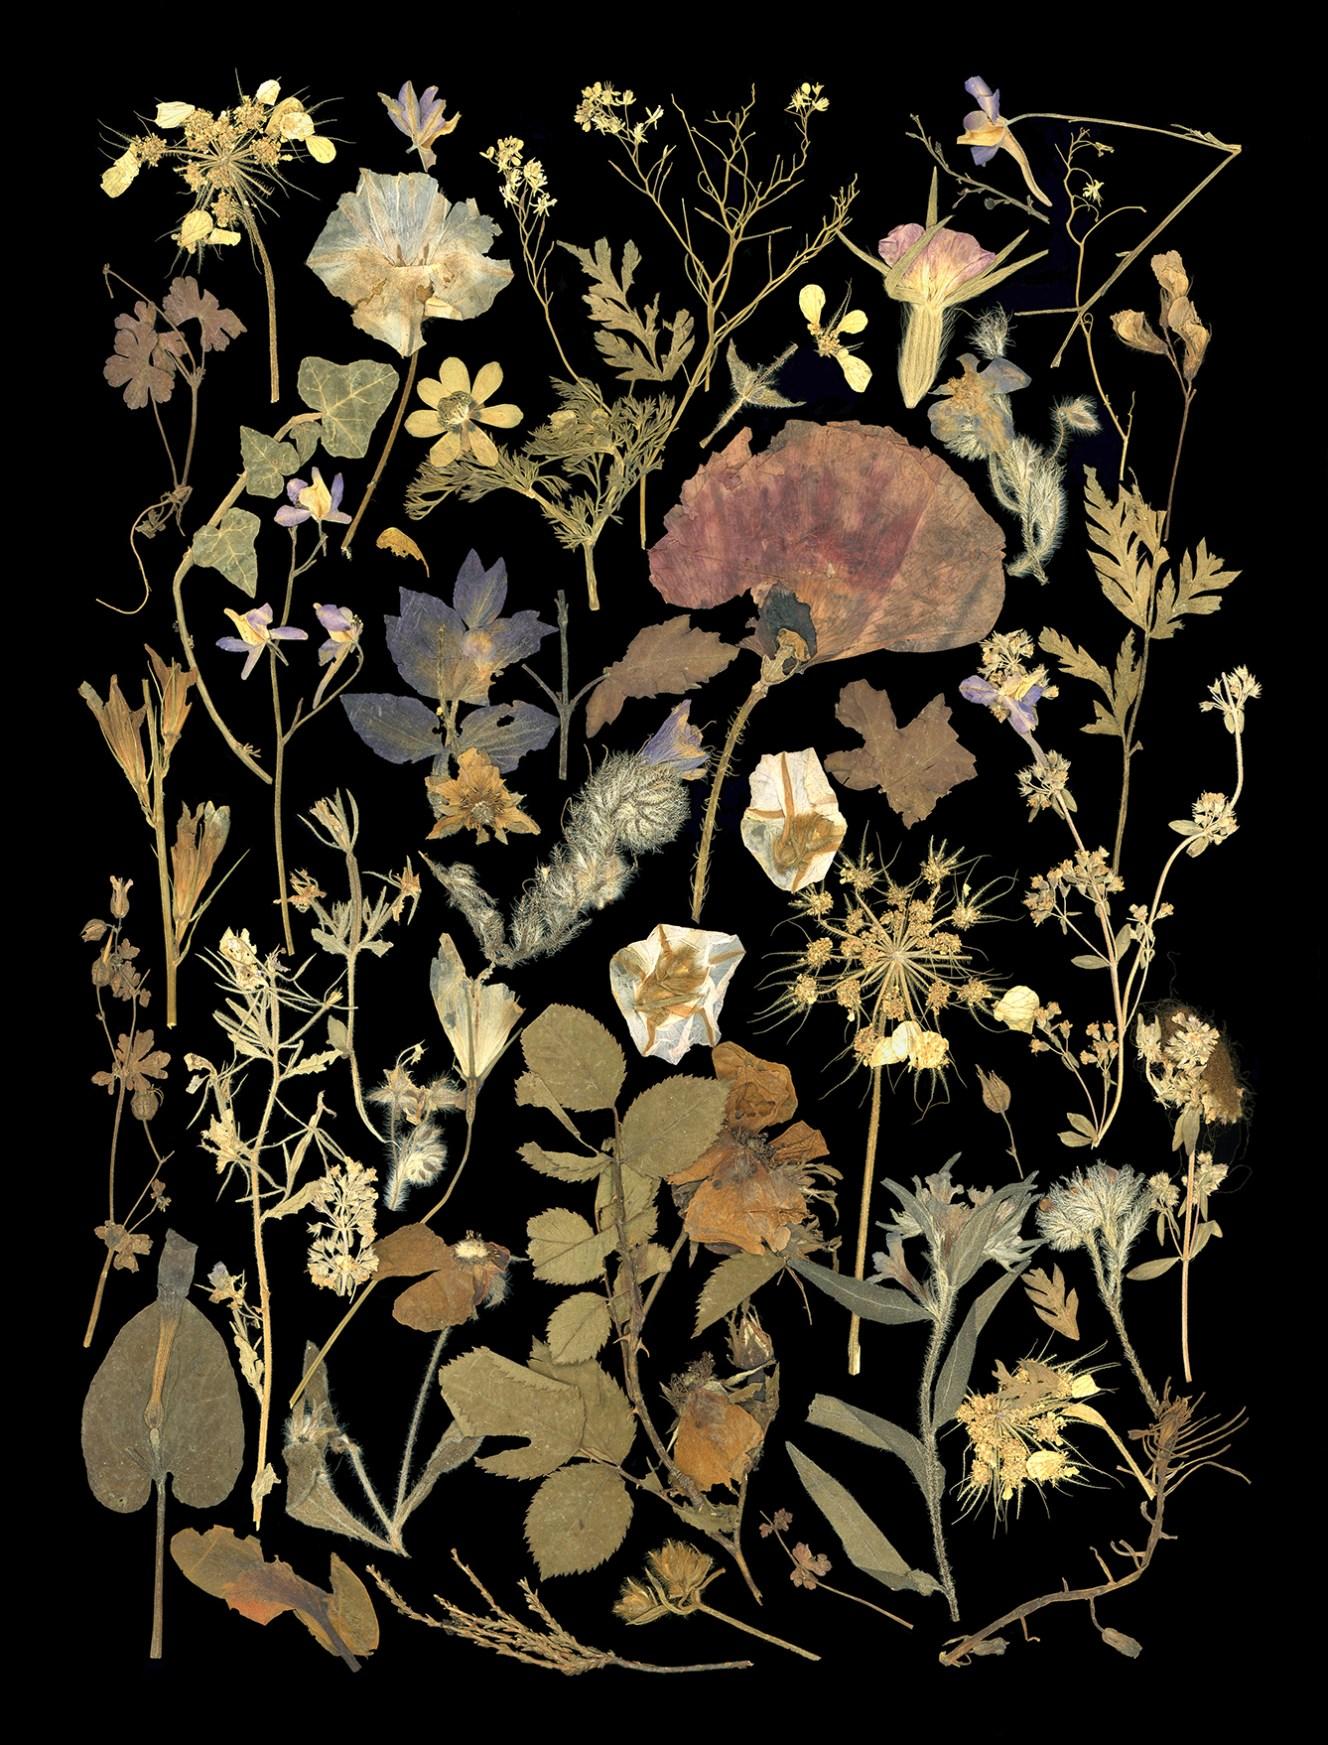 2014-017-1-George-Marr-Flowers-WWI-Black-sm.jpg